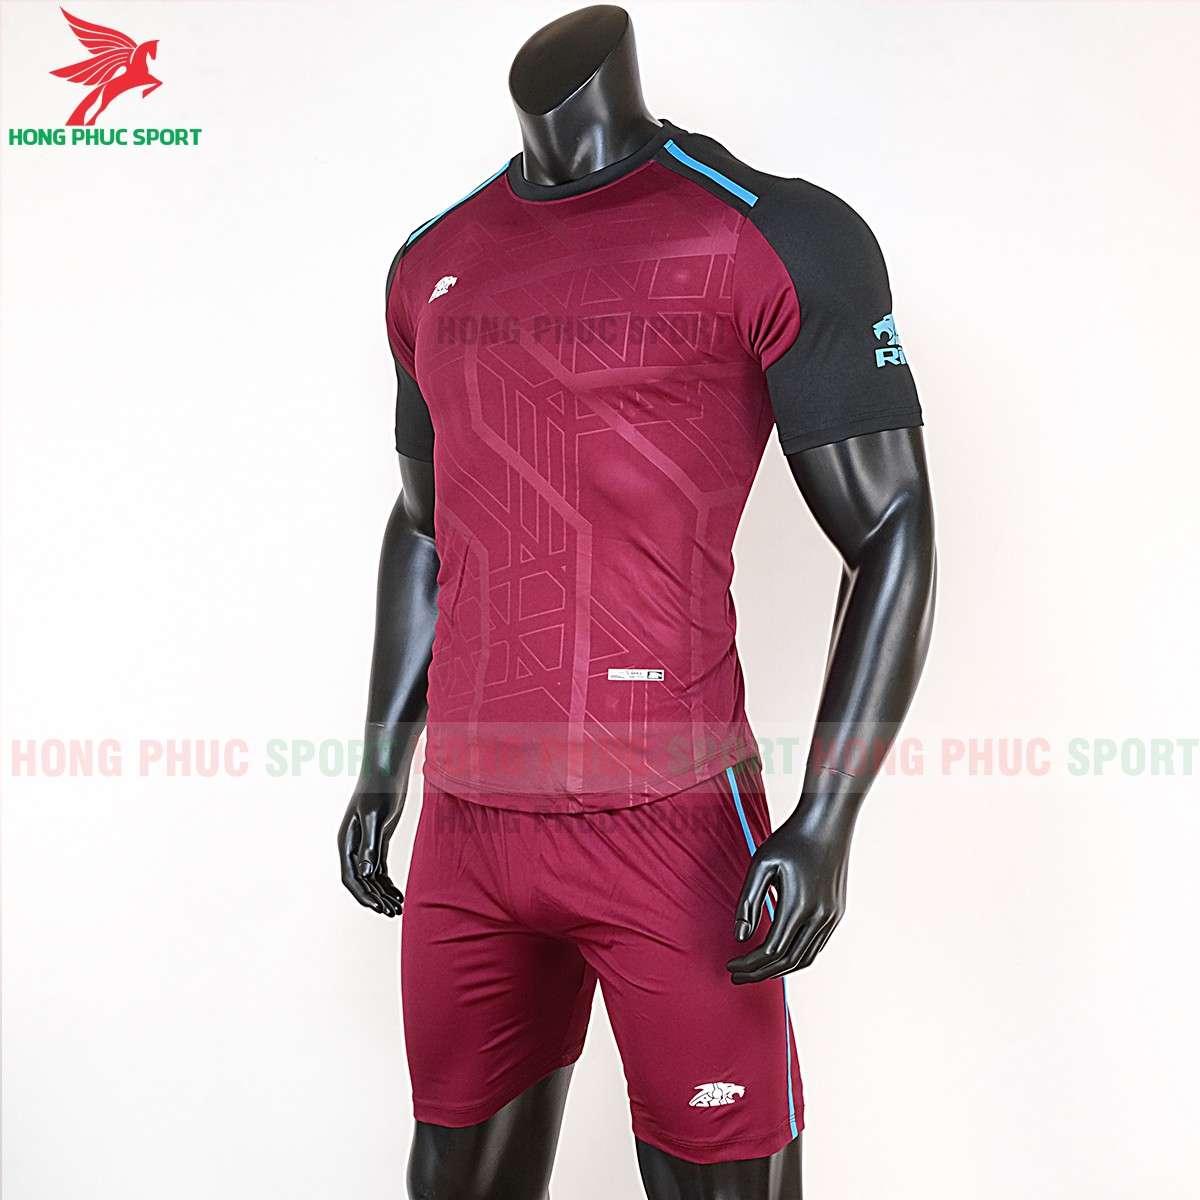 Áo đá bóng không logo 2020 Riki Shamon đỏ đô